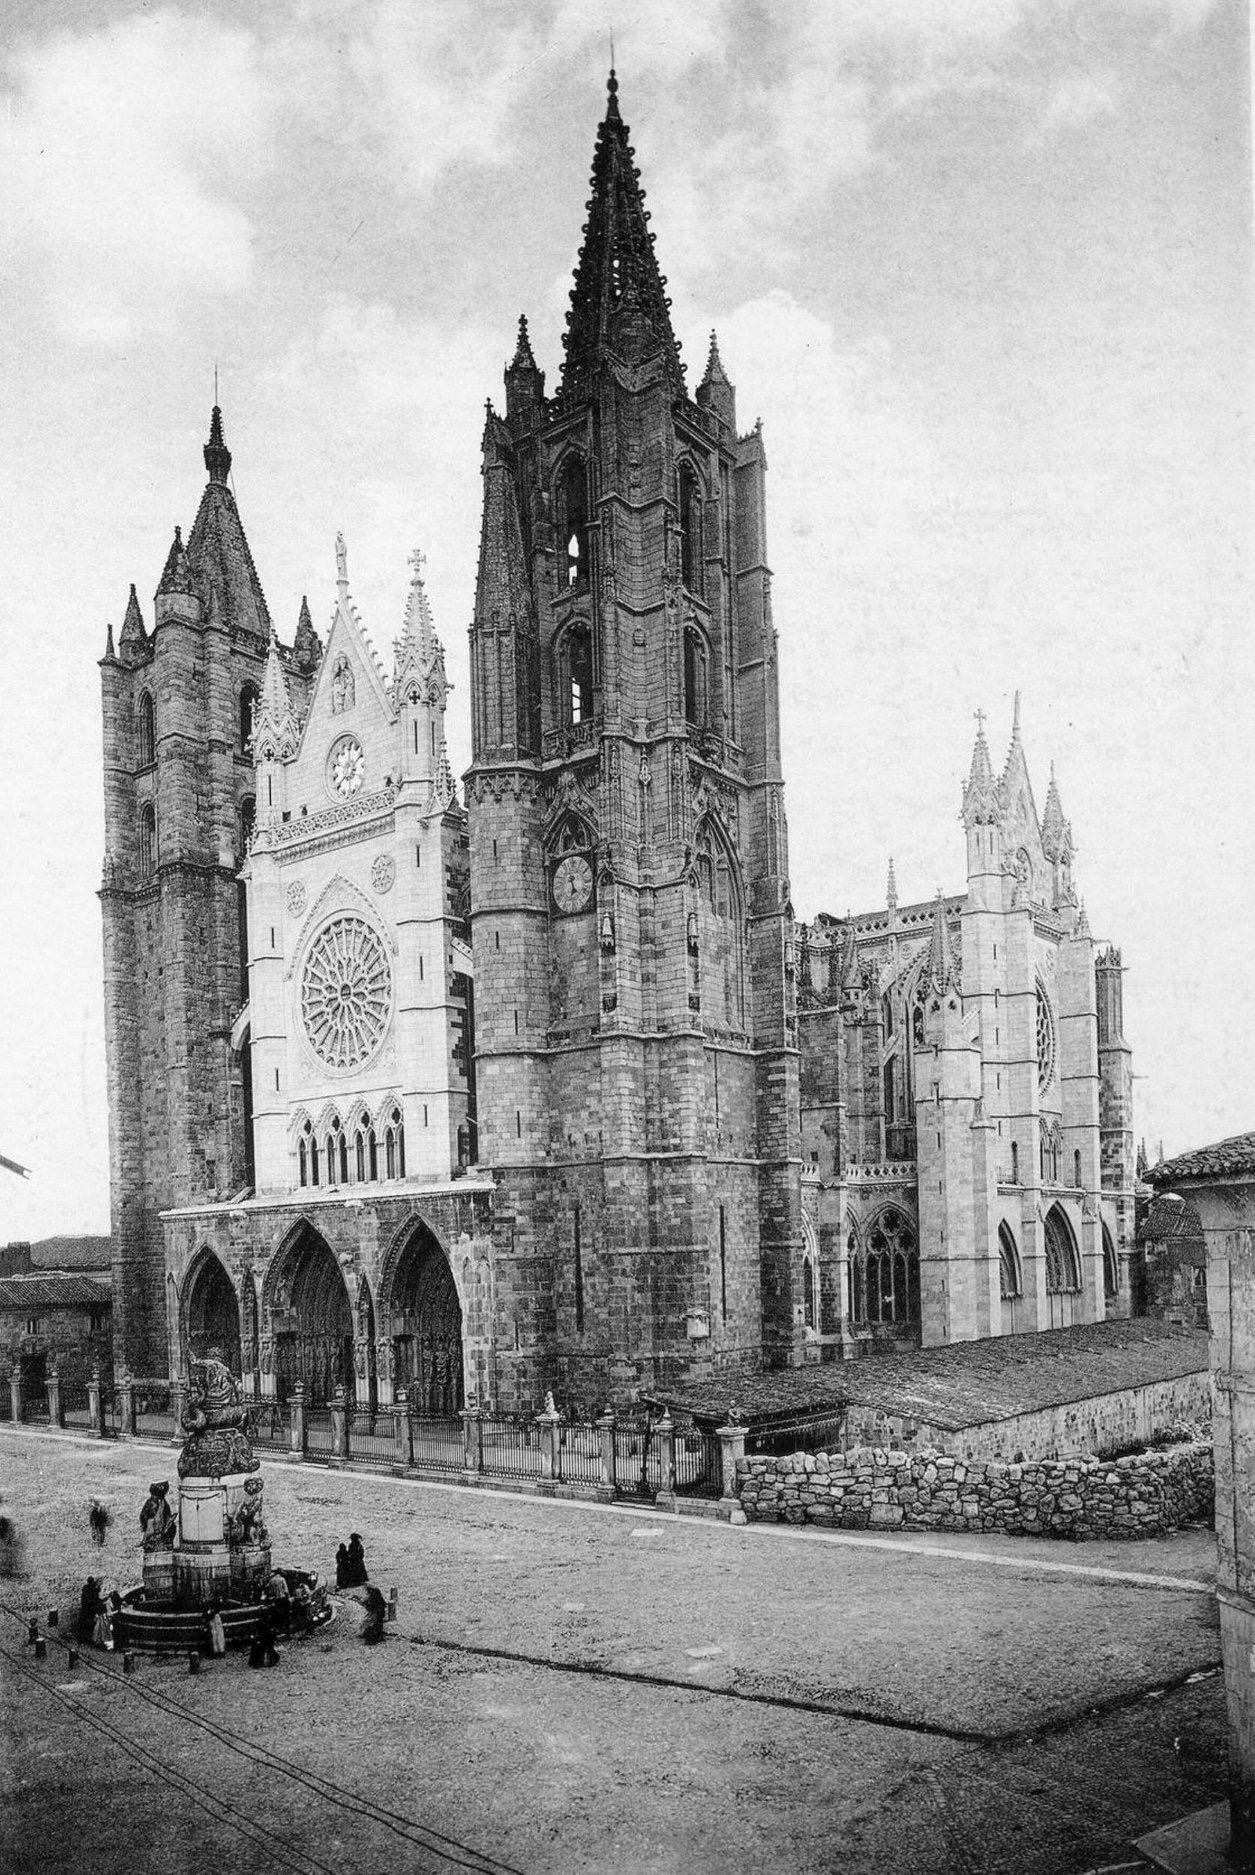 Catedral de León, templo gótico del siglo XIII de inspiración francesa que ha sido el primero declarado oficialmente en España en 1844.